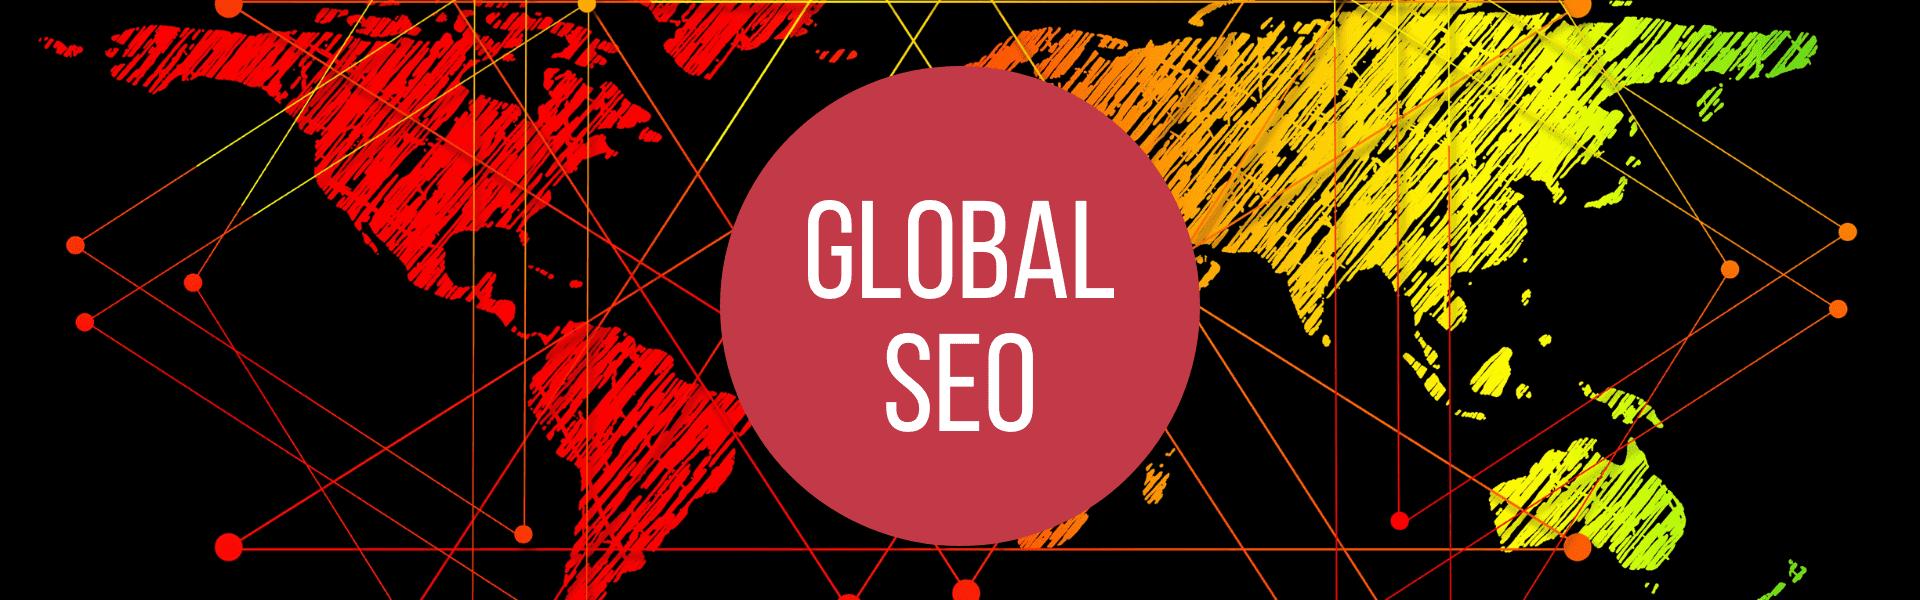 Global SEO, International + Global SEO